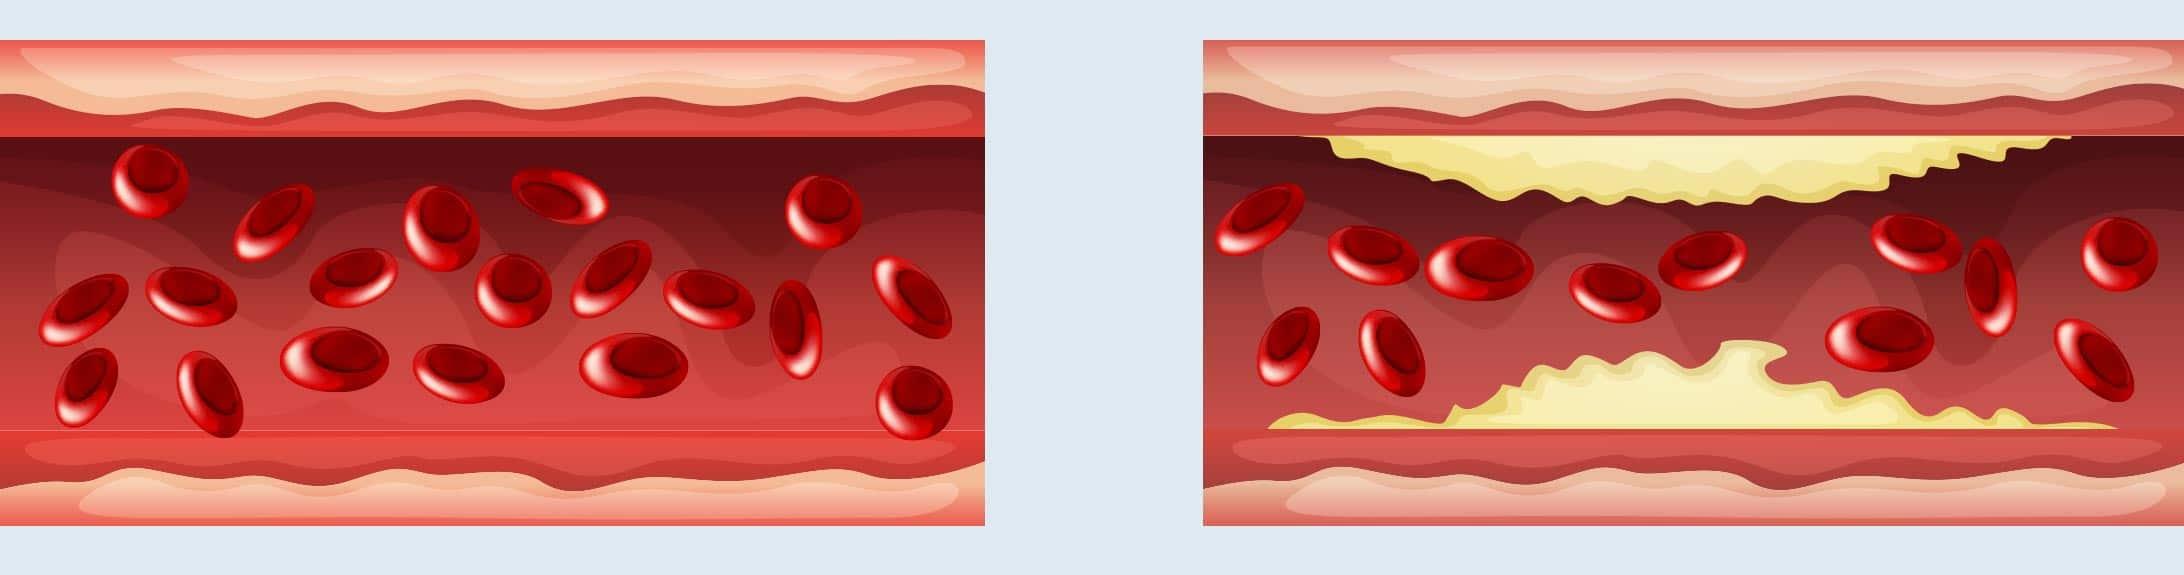 Abbildung zweier Blutgefässe; eines ohne Ablagerungen, das andere mit, wie bei PAVK.